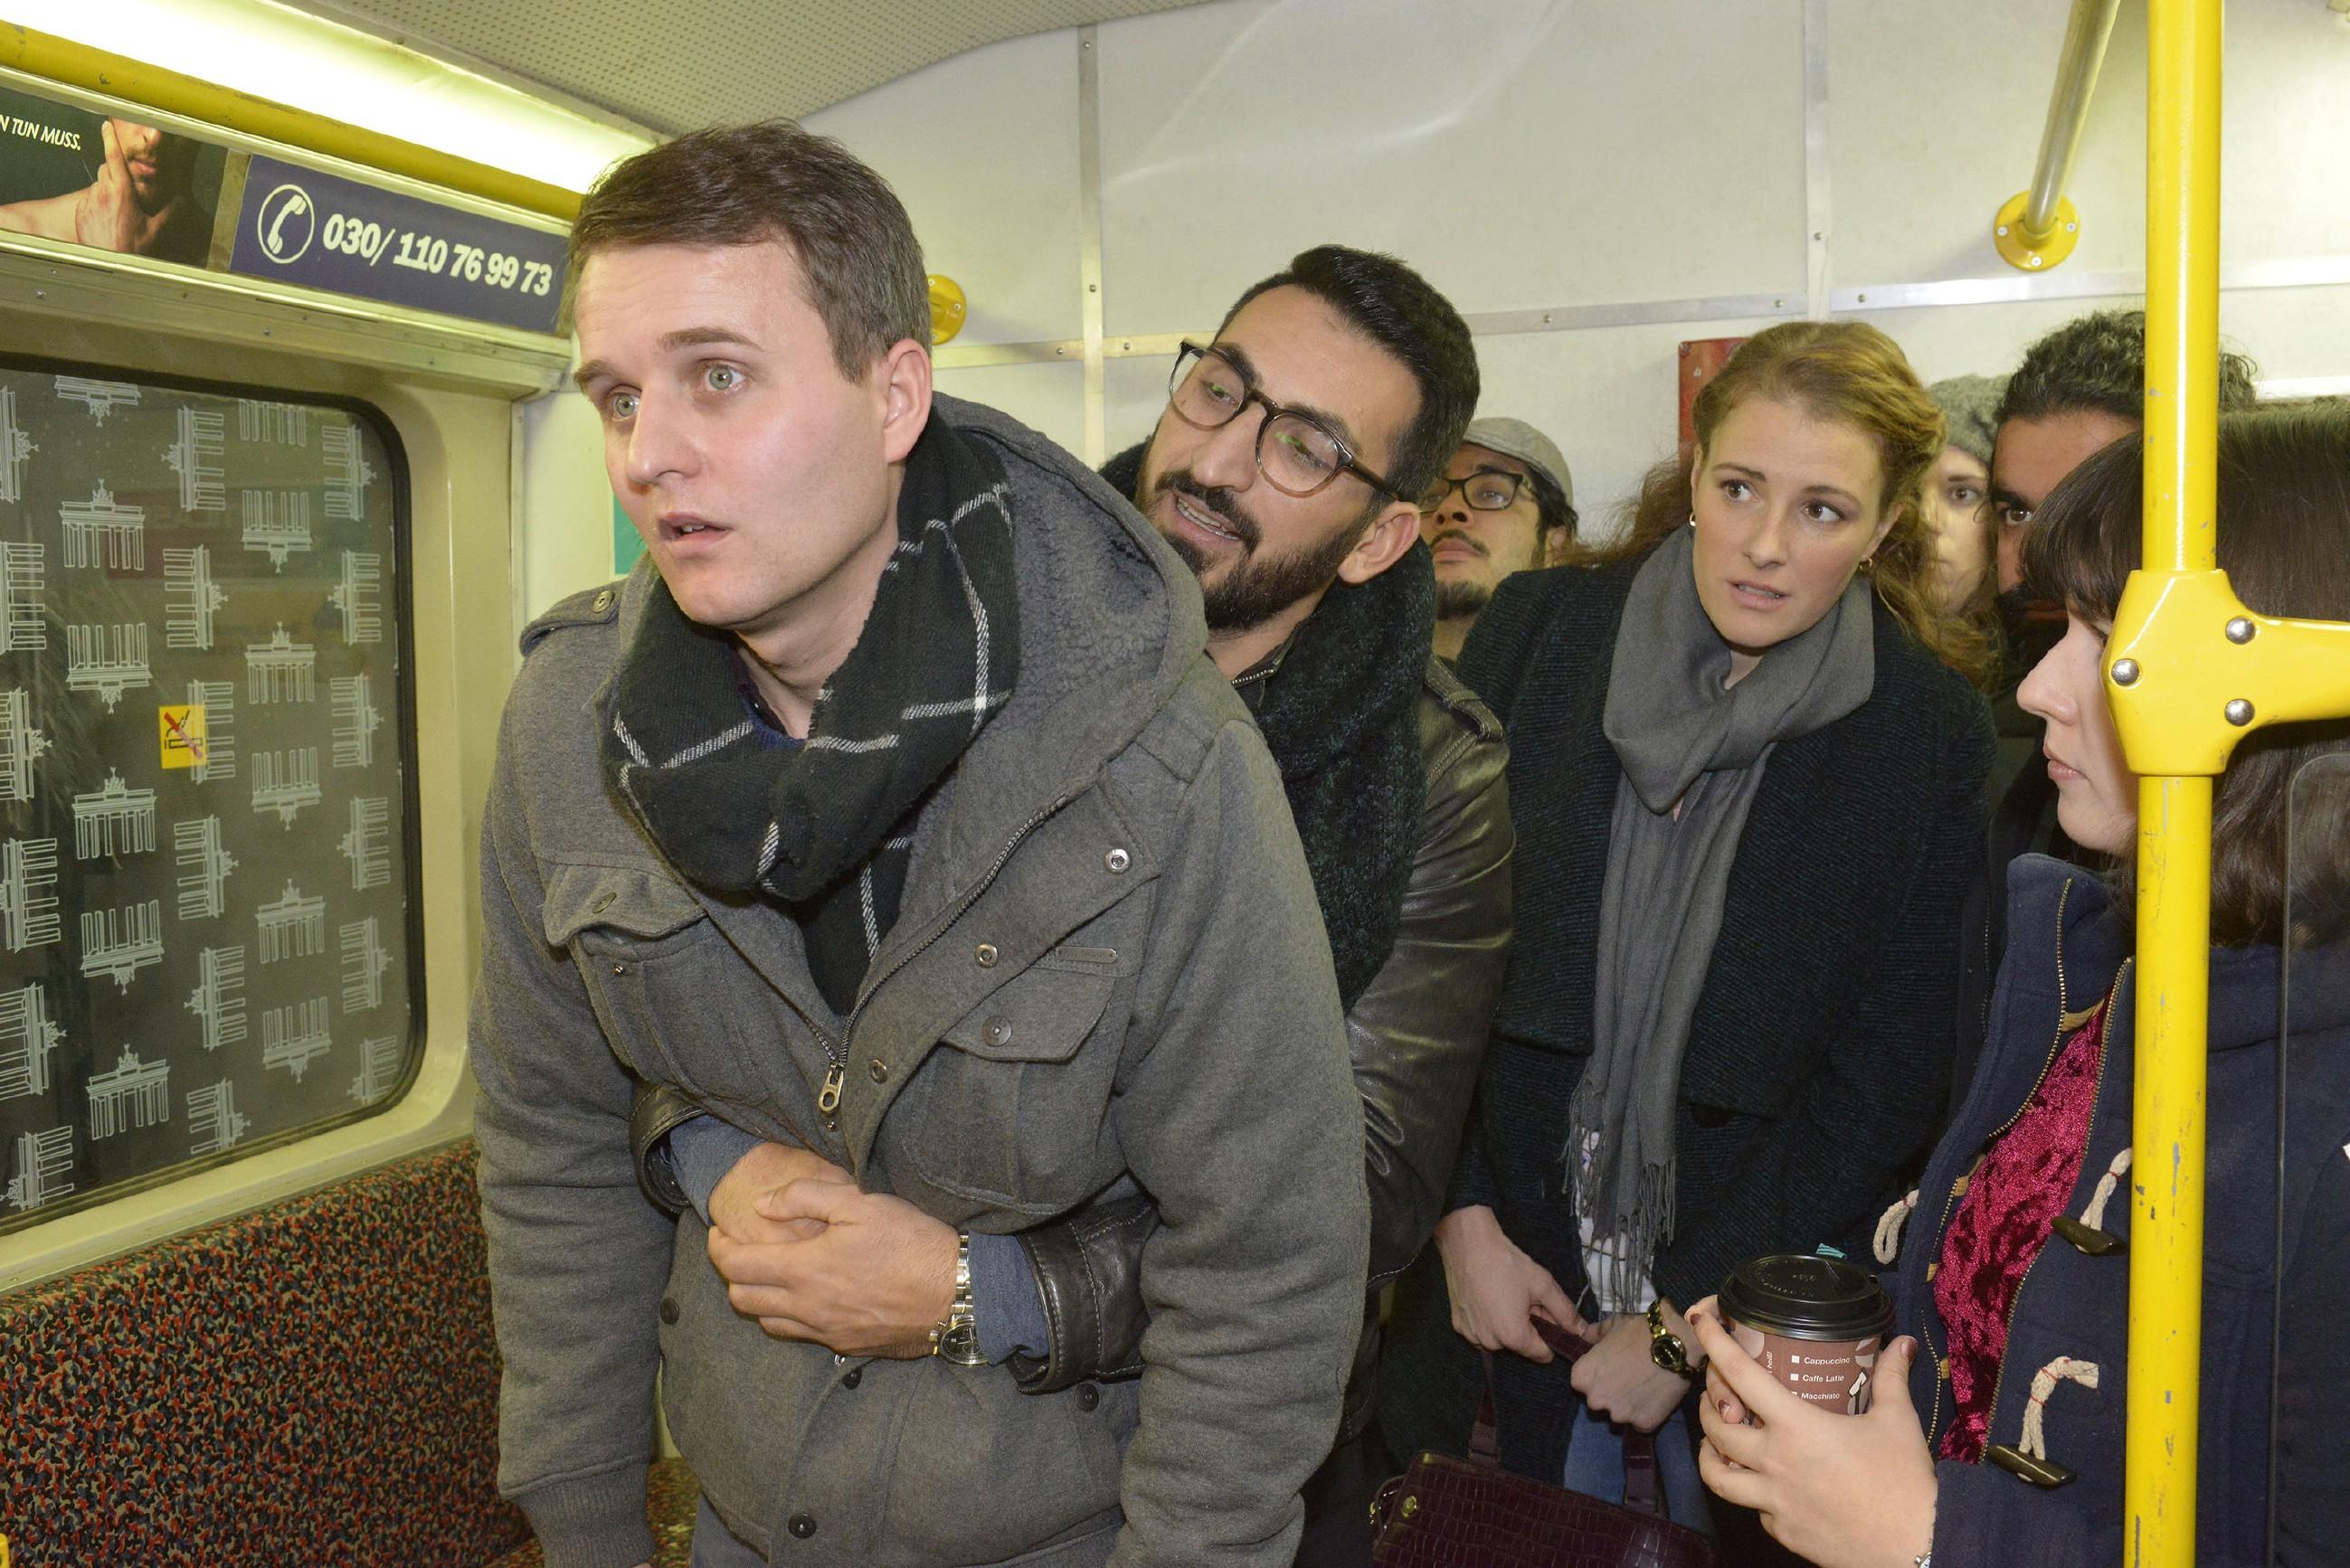 Durch eine Eingebung in letzter Sekunde schafft Mesut (Mustafa Alin, M.) es, einem jungen Mann (Komparse) in der U-Bahn das Leben zu retten... (Quelle: RTL / Rolf Baumgartner)